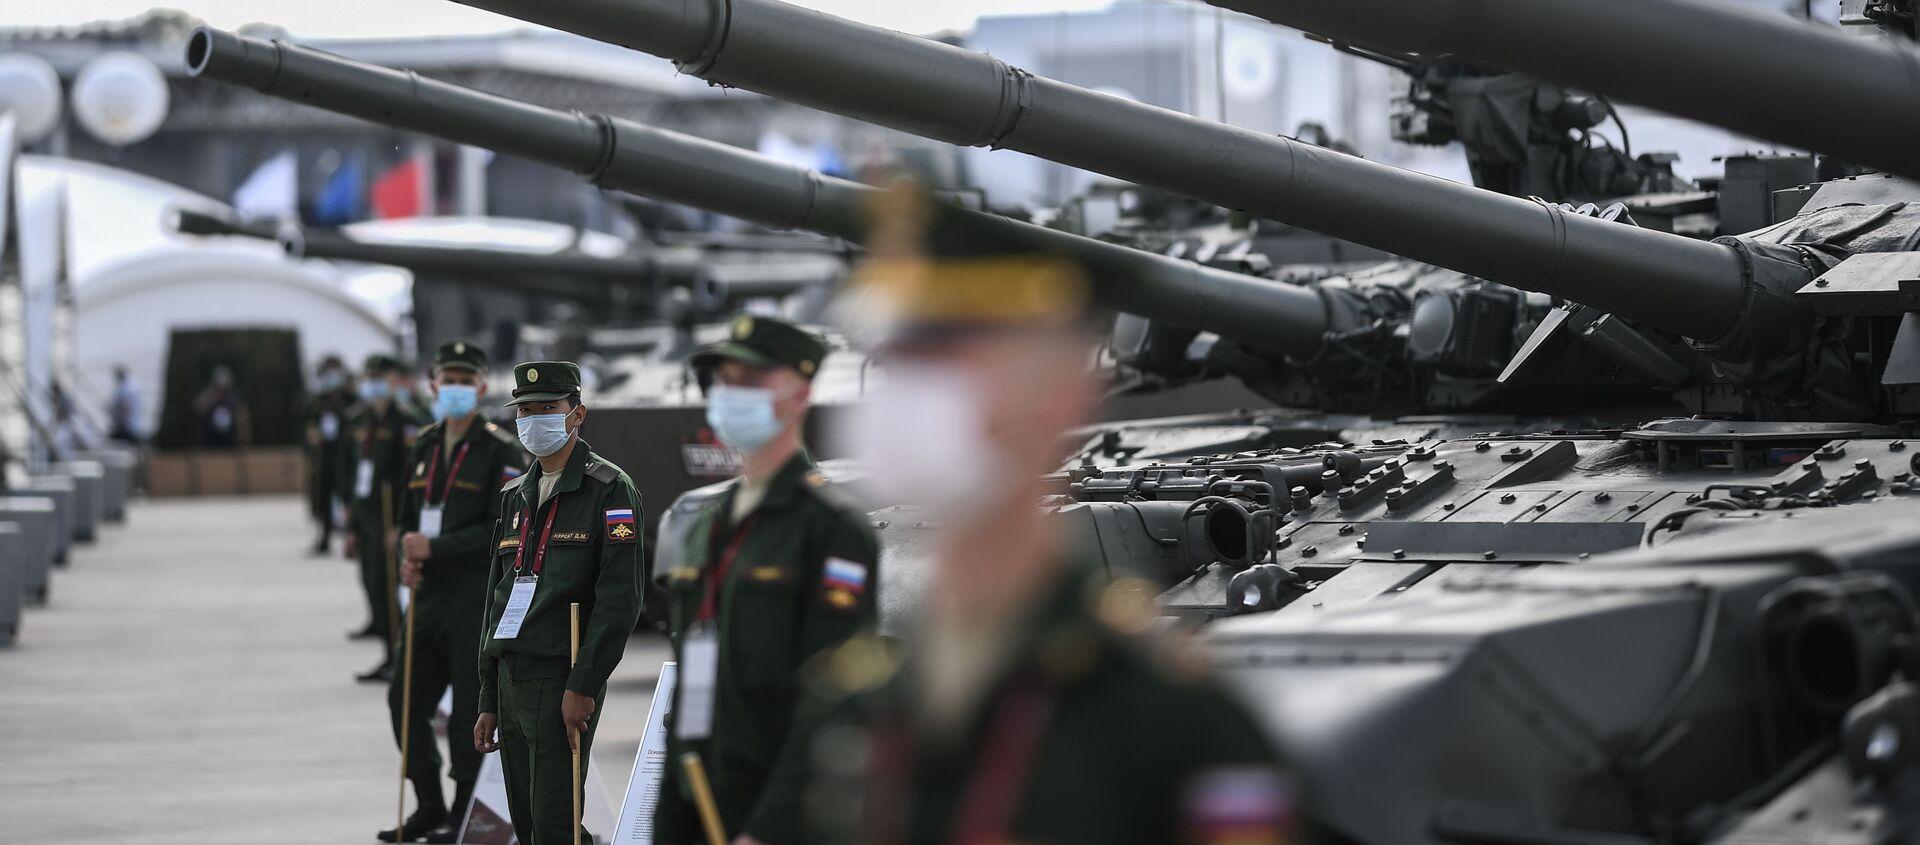 На Международном военно-техническом форуме (МВТФ) Армия-2020 в военно-патриотическом парке Патриот - Sputnik Արմենիա, 1920, 27.04.2021